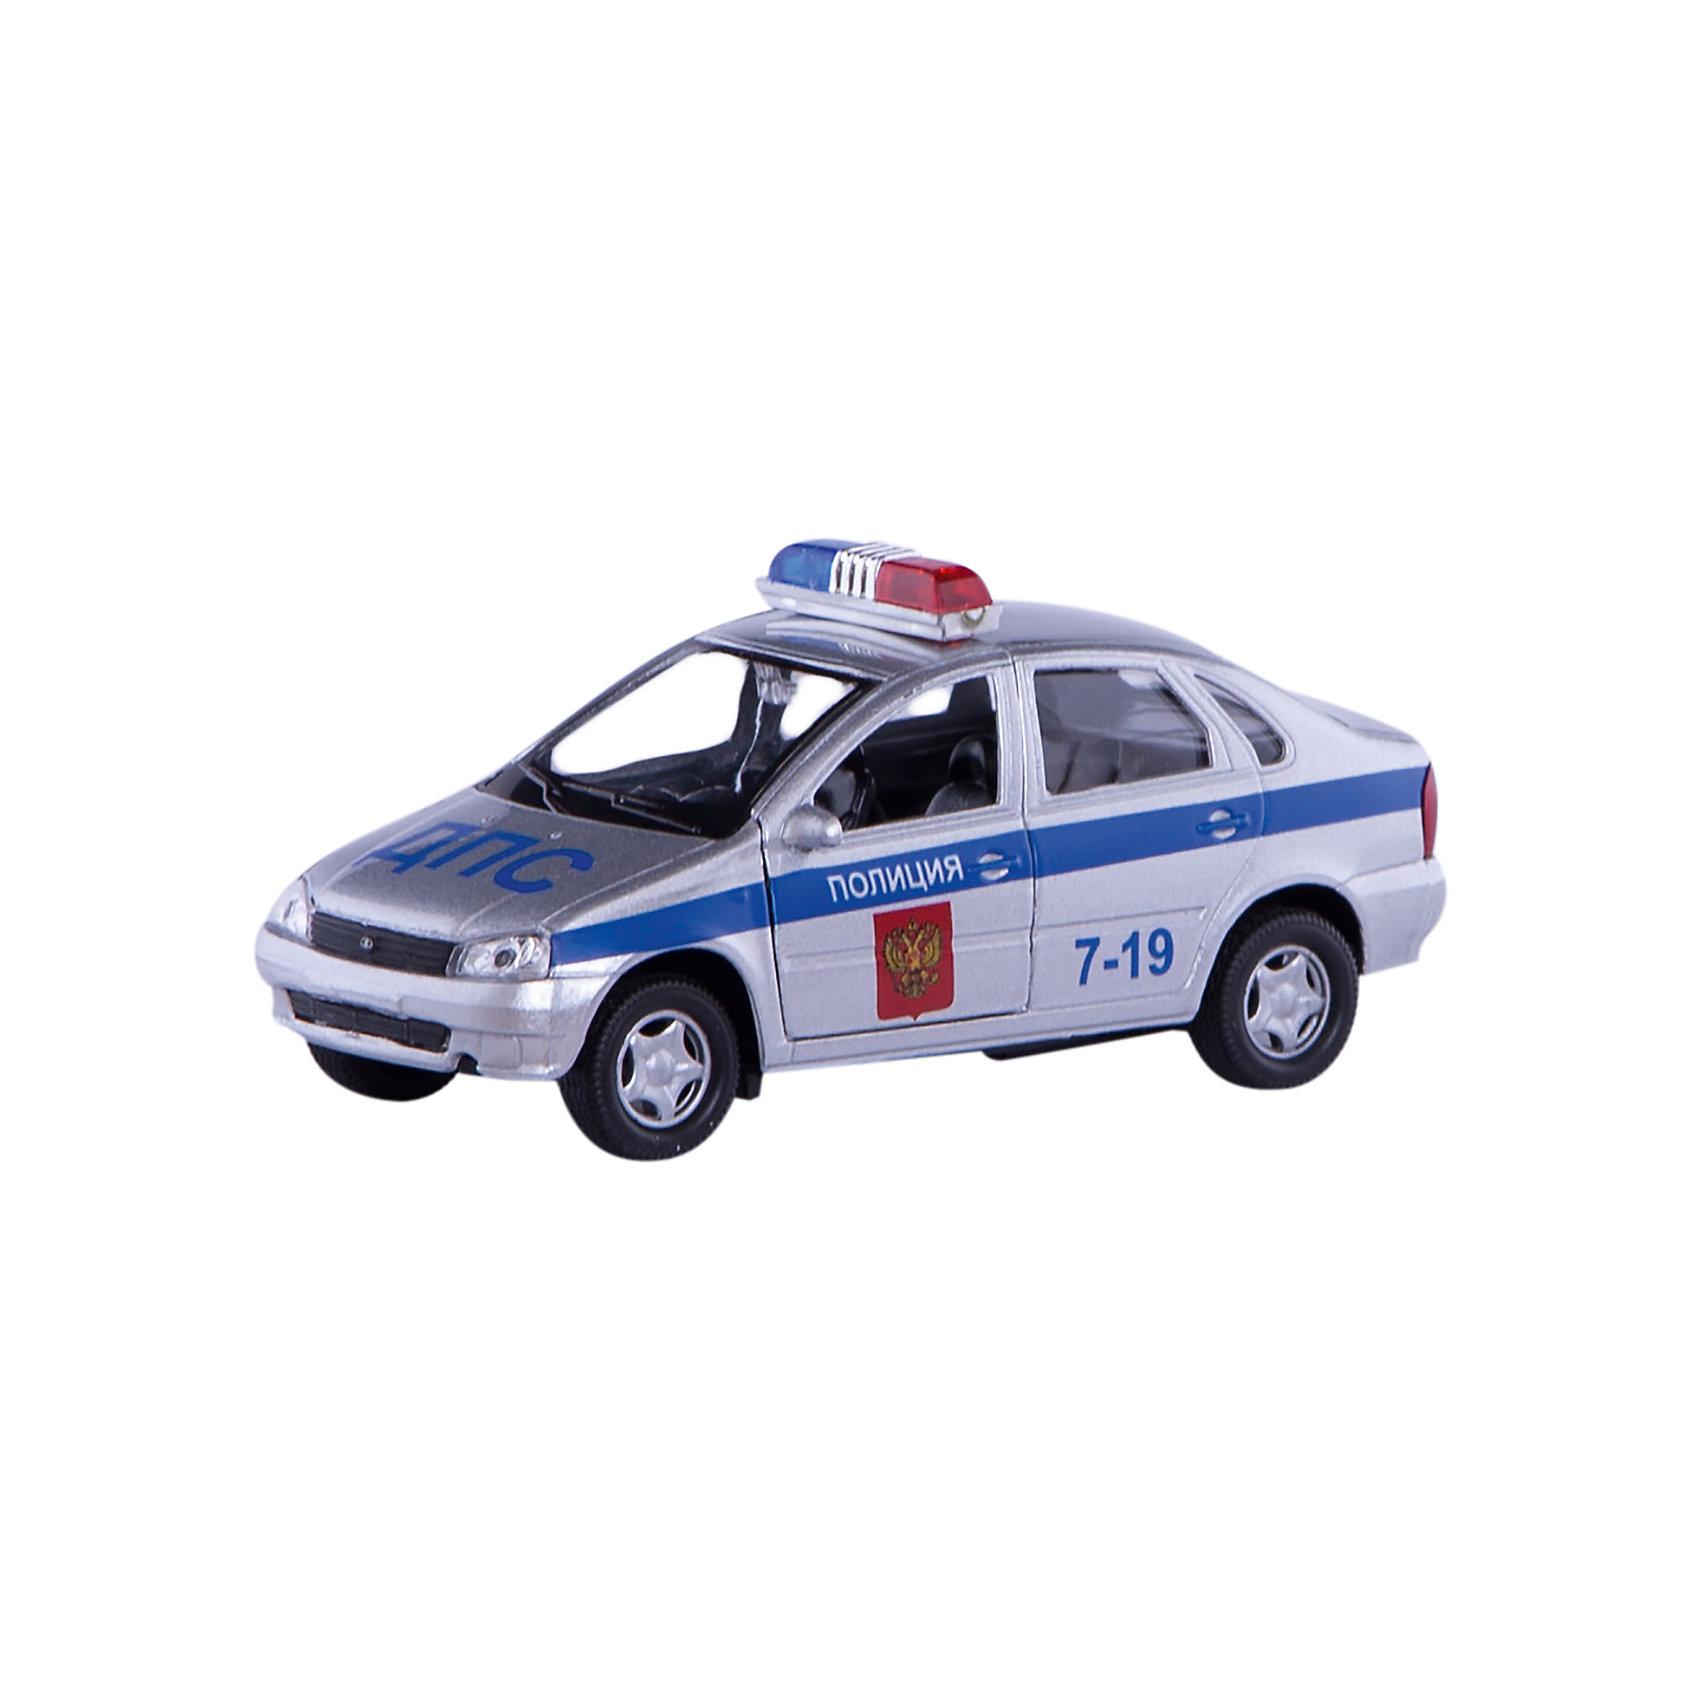 Машинка Lada Kalina полиция 1:34, AutotimeМашинки<br>Характеристики товара:<br><br>• цвет: серый<br>• материал: металл, пластик<br>• размер: 16,5х7,х5,7 см<br>• вес: 100 г<br>• масштаб: 1:34<br>• прочный материал<br>• хорошая детализация<br>• открываются двери<br>• страна бренда: Россия<br>• страна производства: Китай<br><br>Коллекционная машинка LADA Kalina полиция от бренда AUTOTIME станет отличным подарком для мальчика. Подробная детализация машинки порадует увлеченного коллекционера, а открывающиеся двери и свободно вращающиеся колеса придутся по душе юному владельцу игрушечного гаража. Эта игрушка подарит восторг и радость вашему ребенку. <br><br>Игрушка также воздействует на наглядно-образное мышление, логическое мышление, развивает мелкую моторику. Изделие выполнено из сертифицированных материалов, безопасных для детей.<br><br>Машинку «Lada Kalina» полиция от бренда AUTOTIME можно купить в нашем интернет-магазине.<br><br>Ширина мм: 165<br>Глубина мм: 57<br>Высота мм: 75<br>Вес г: 13<br>Возраст от месяцев: 36<br>Возраст до месяцев: 2147483647<br>Пол: Мужской<br>Возраст: Детский<br>SKU: 5583907